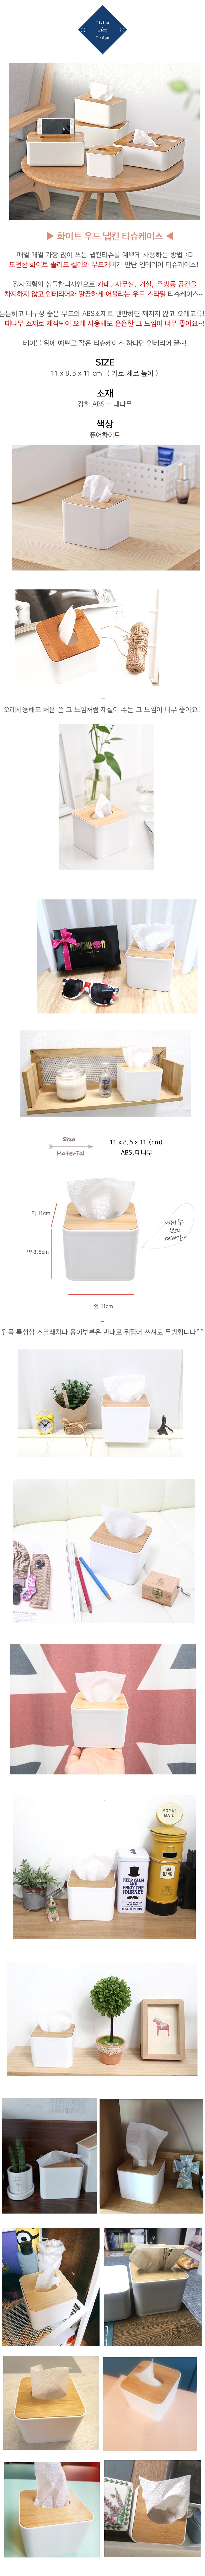 화이트우드냅킨티슈케이스 - 미스터고물상, 3,360원, 장식소품, 휴지/티슈케이스